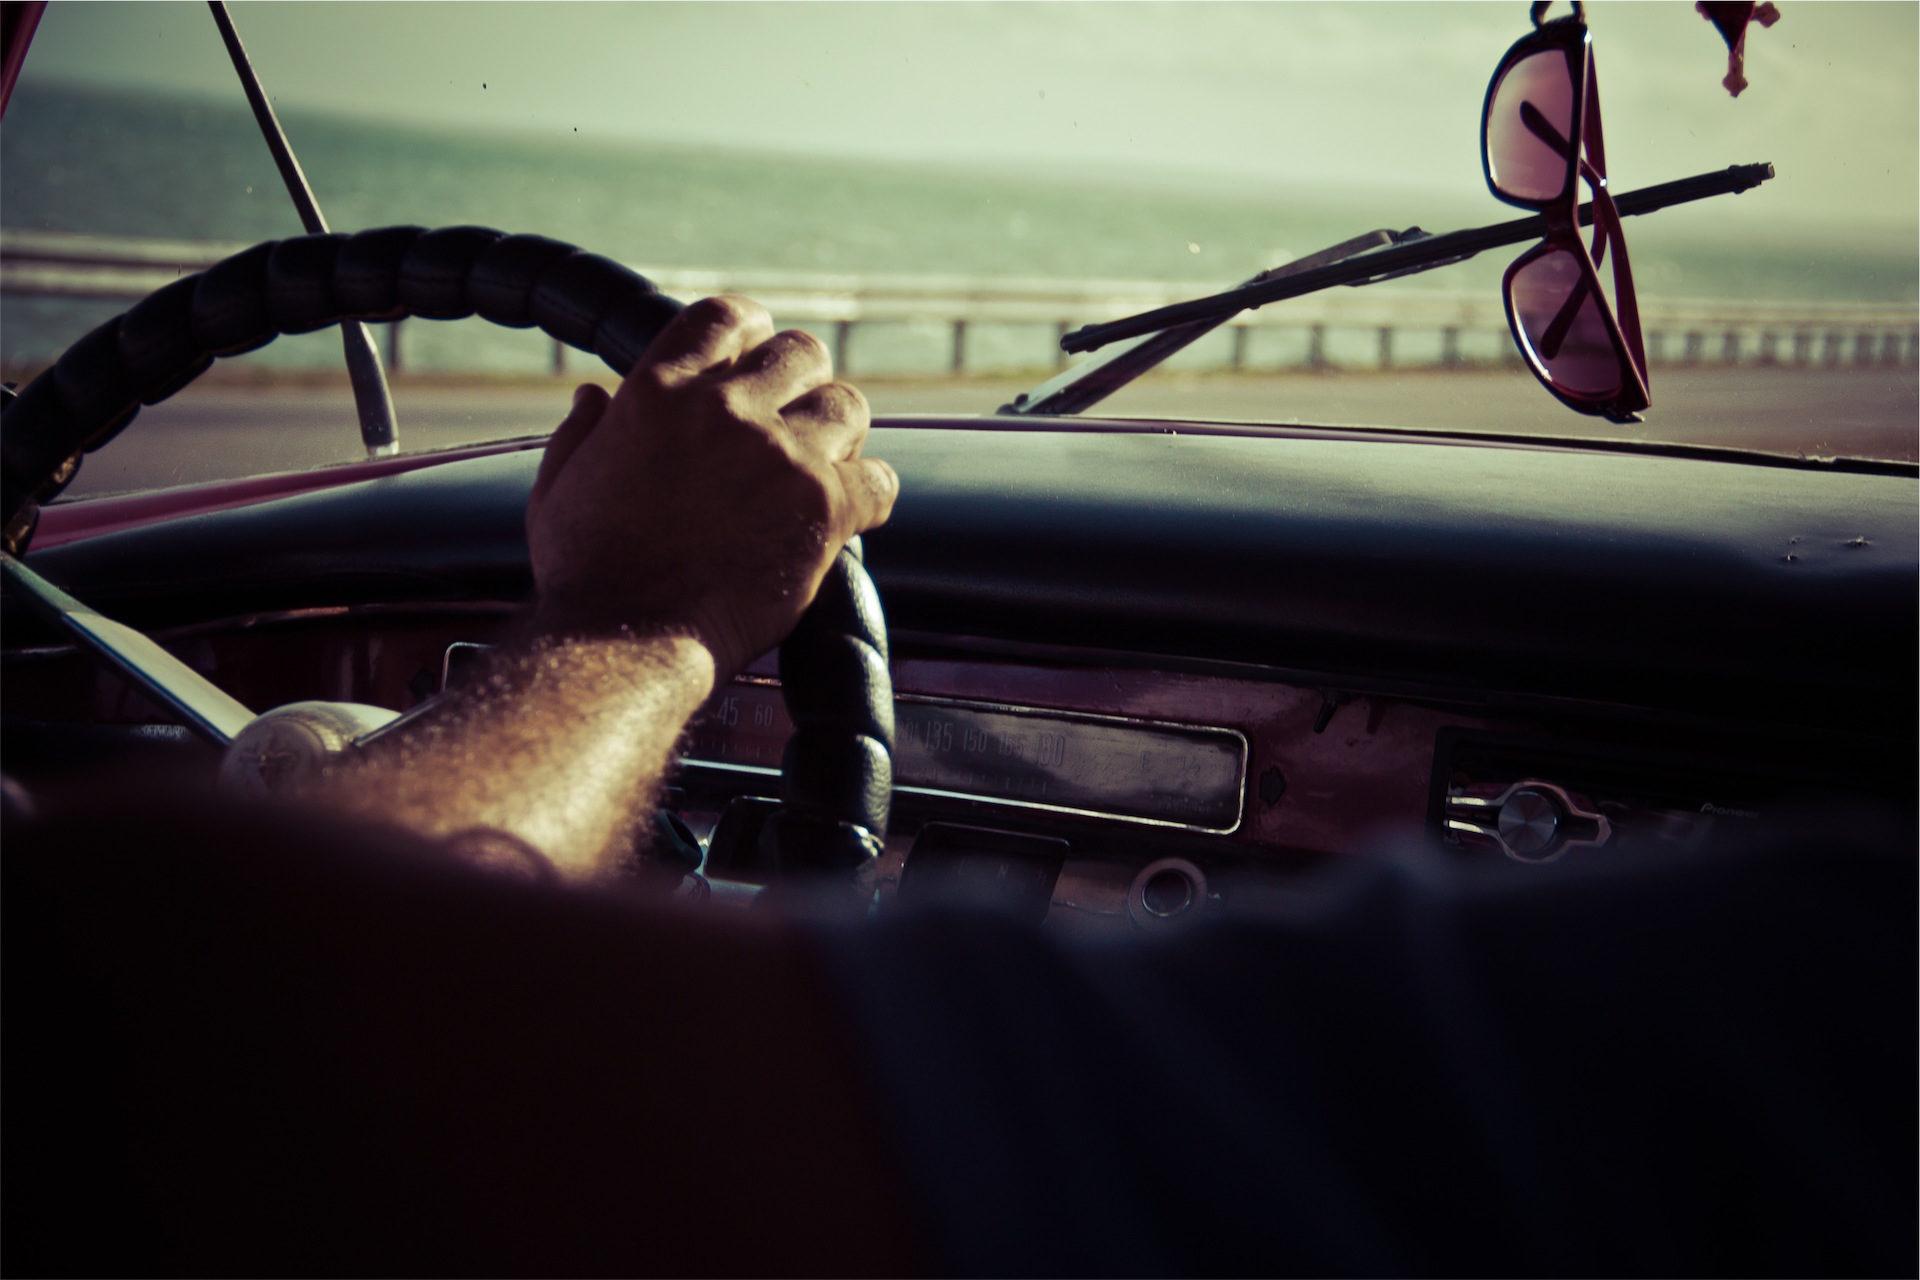 auto, piombo, volante, Radio, vintage - Sfondi HD - Professor-falken.com